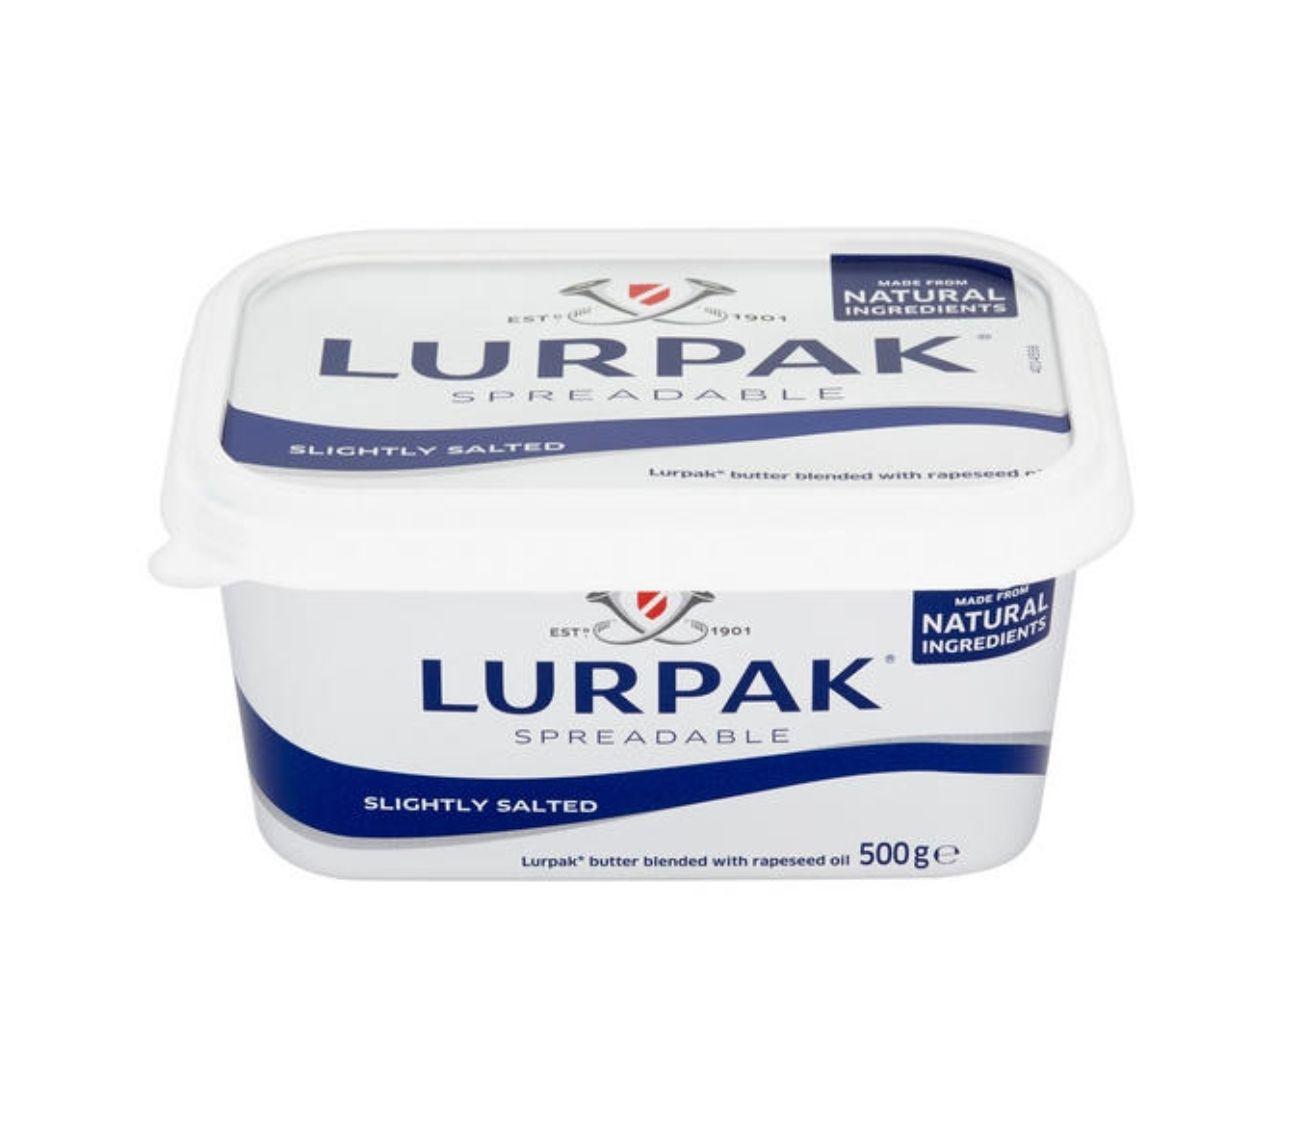 2 for £5 - Lurpak Spreadable Slightly Salted / Lighter Slightly Salted 500g @ Iceland